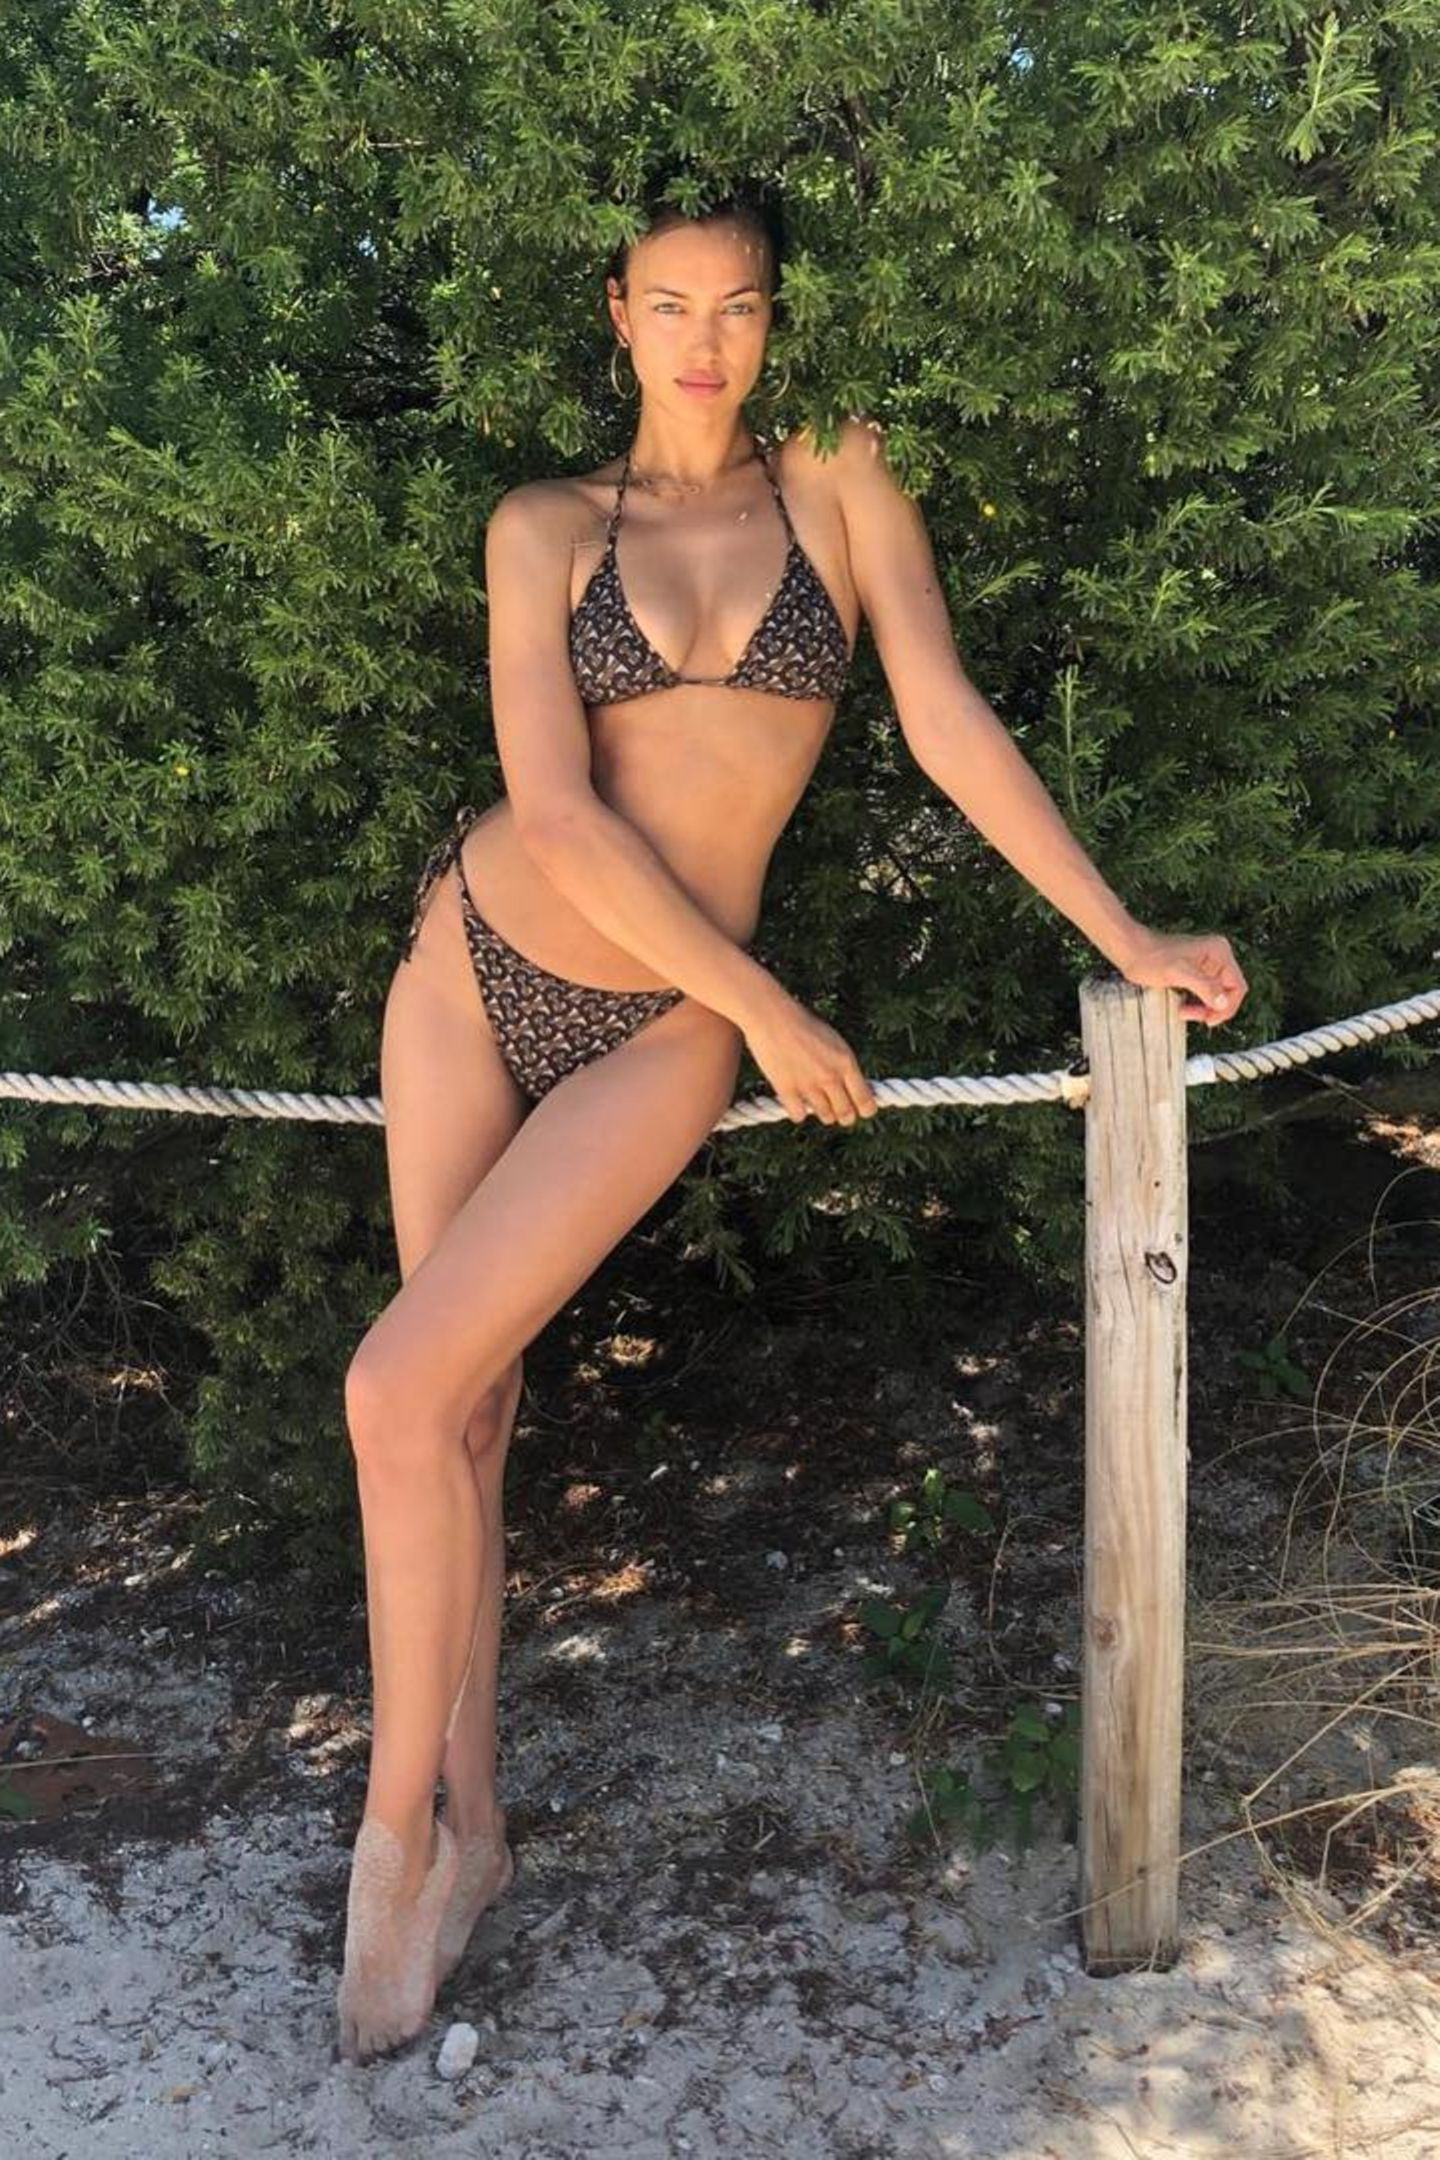 Wahnsinn, dieser Körper! Supermodel Irina Shayk zeigt im Bikini von Burberry Loyalität: Chefdesigner Riccardo Tisci (war vorher bei Givenchy tätig) ist seit Jahren ein enger Freund der gebürtigen Russin.